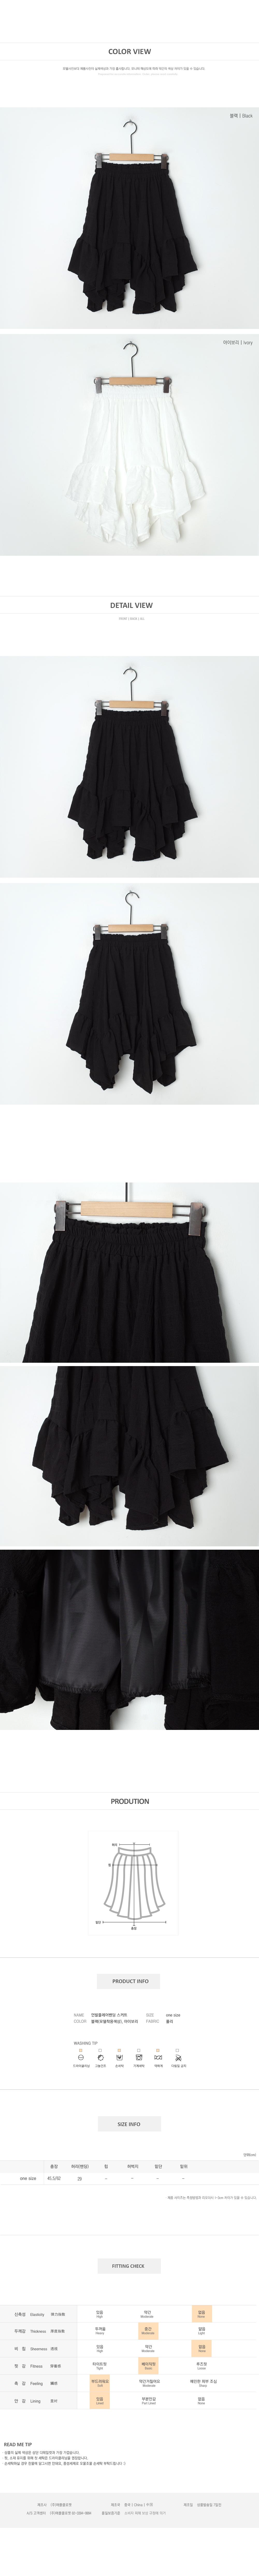 Unfolded Flare Banding Skirt